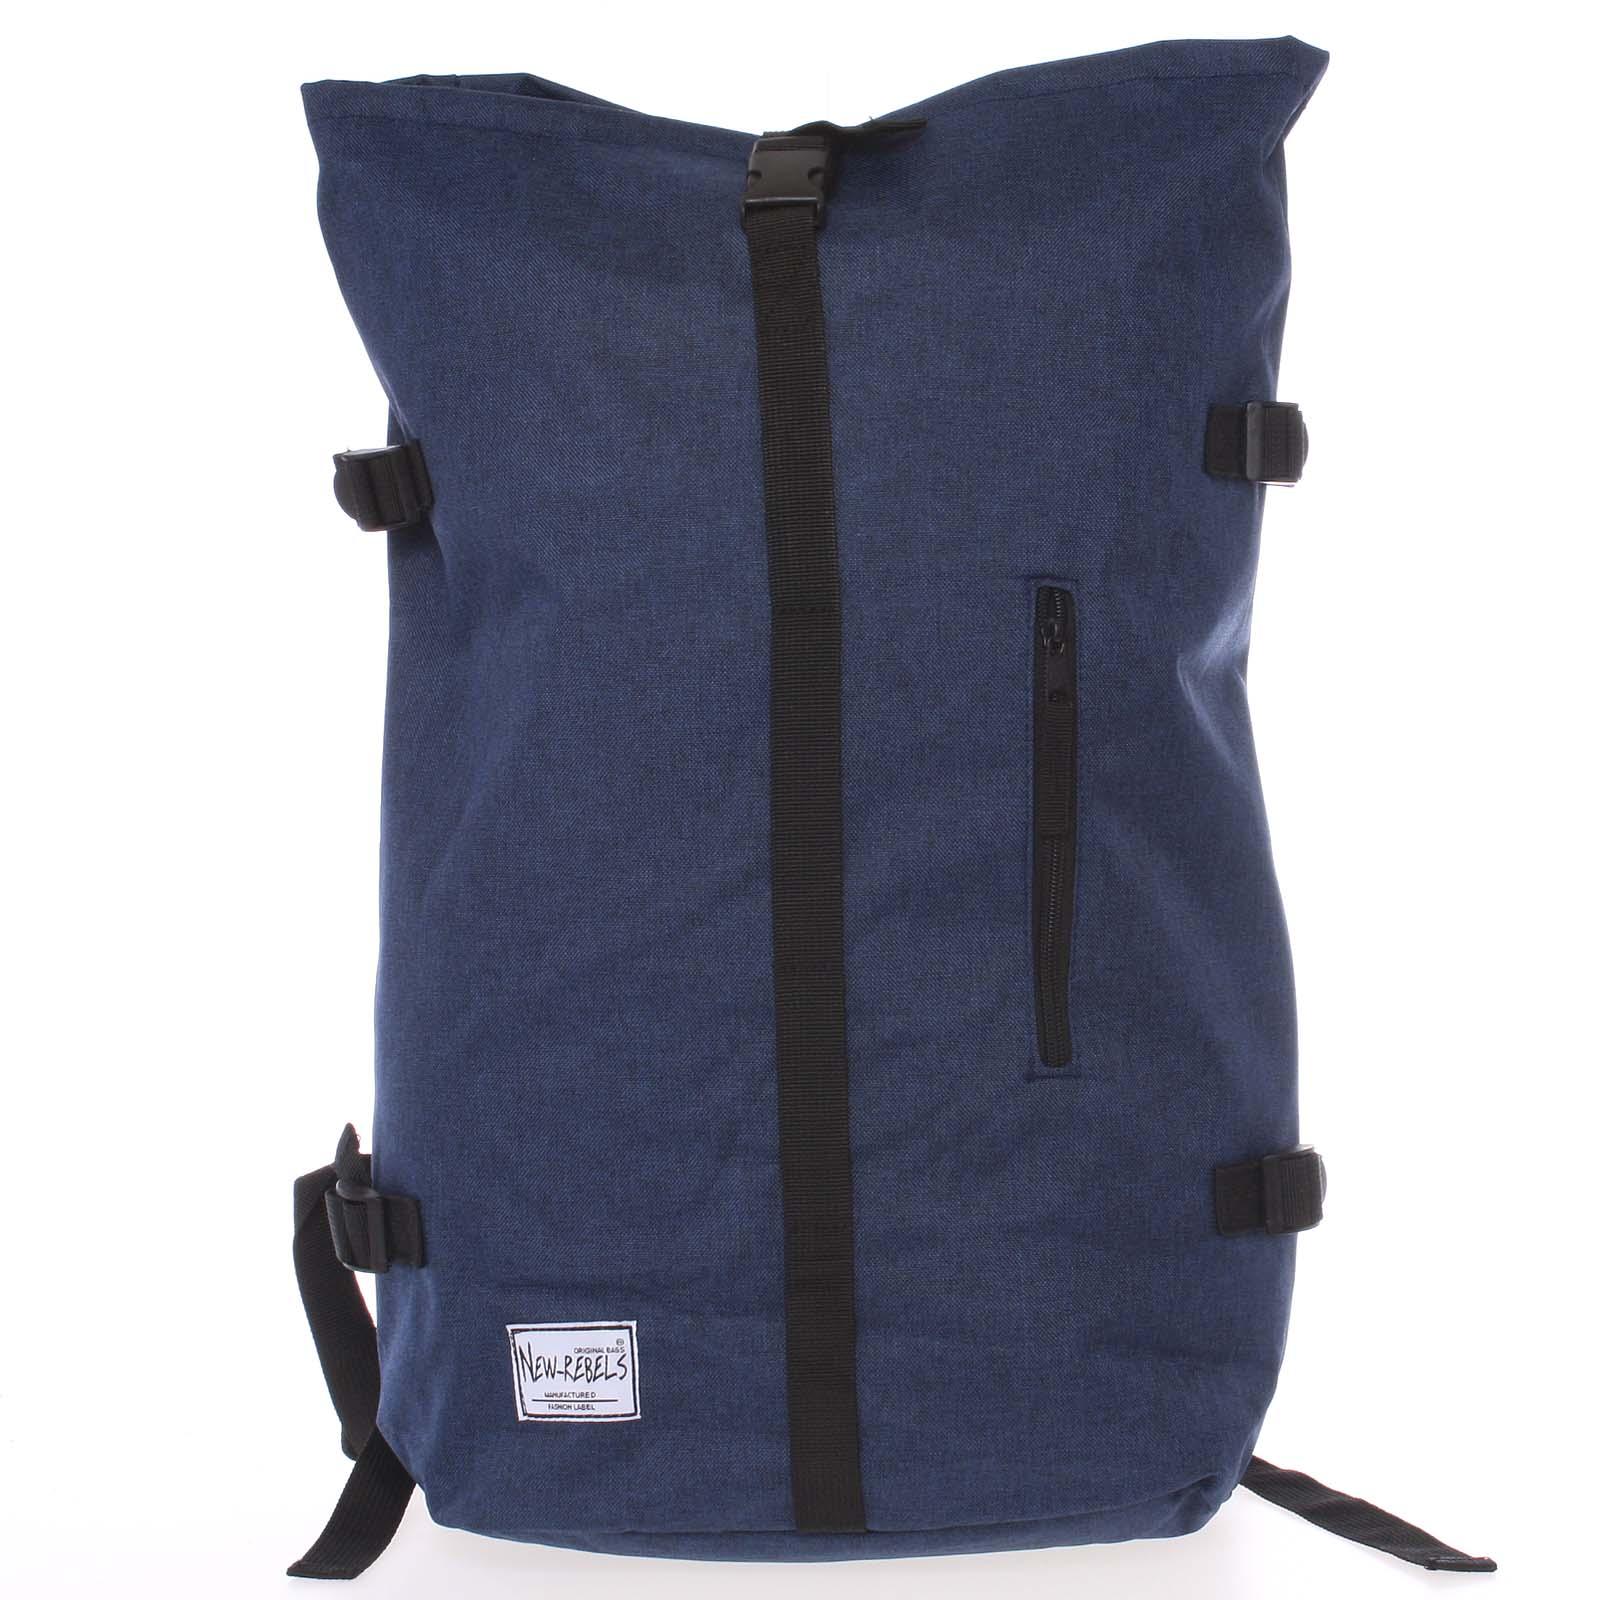 Jedinečný velký stylový unisex batoh modrý - New Rebels Rebback